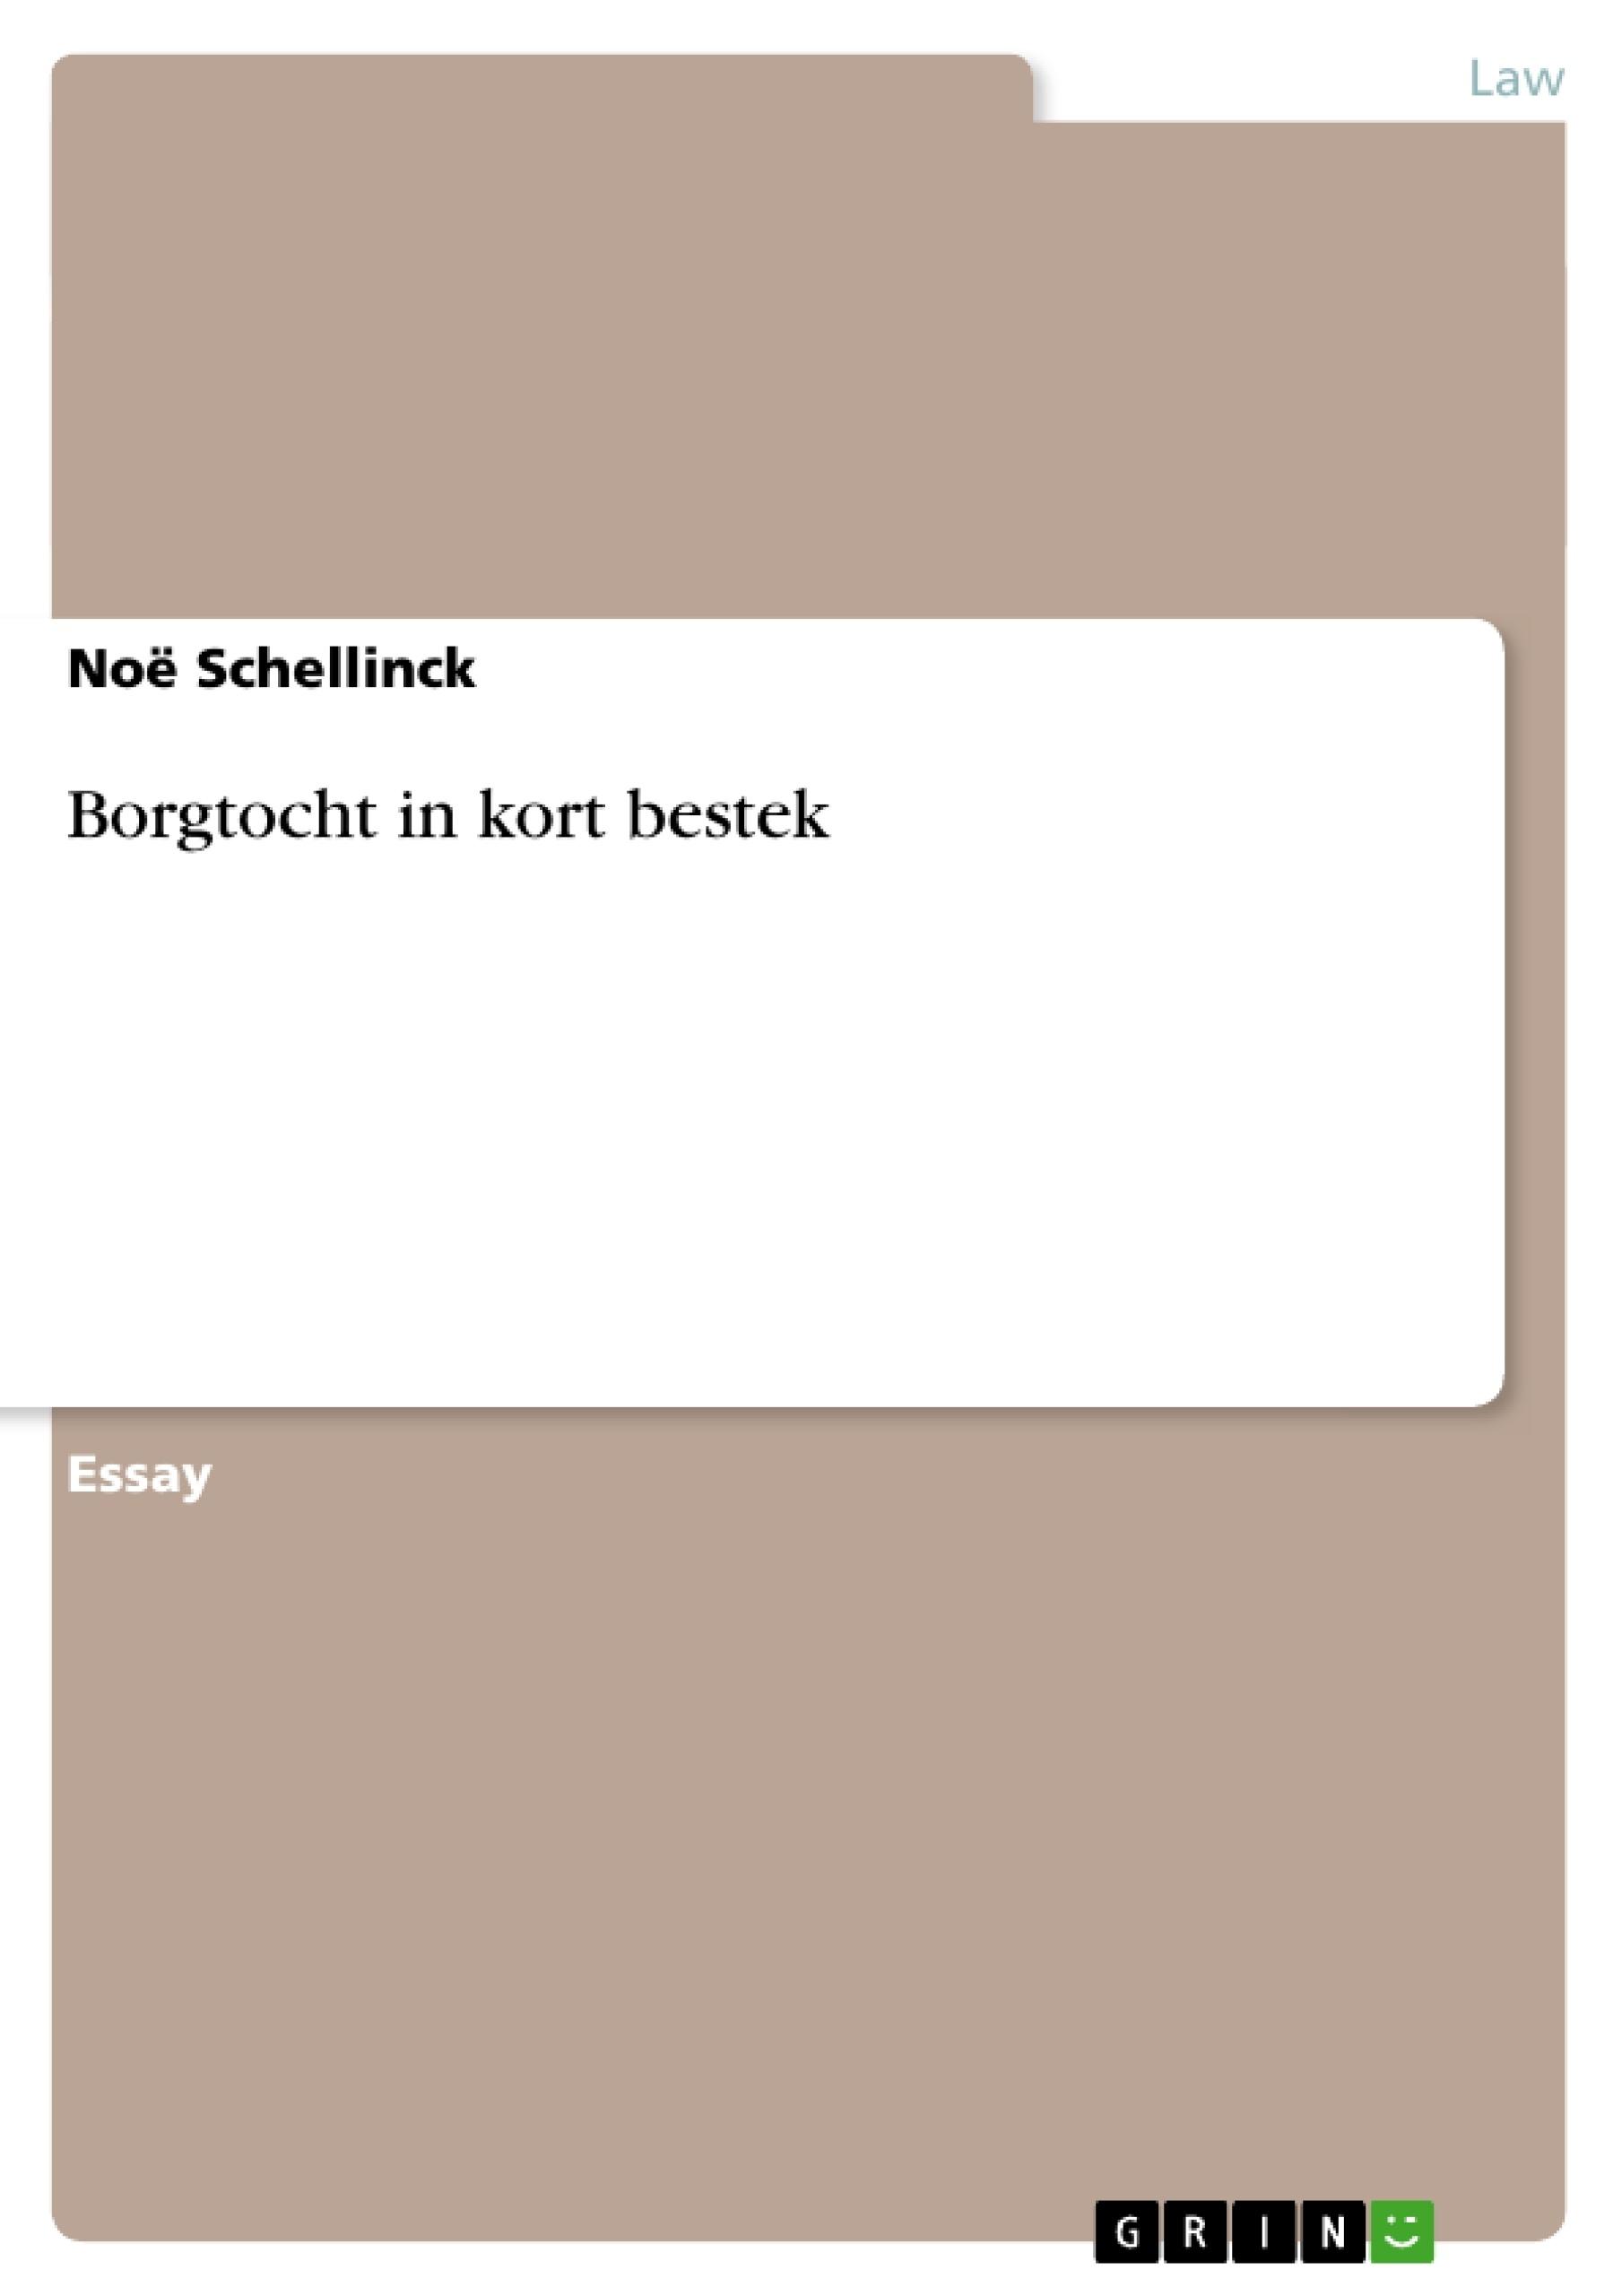 Title: Borgtocht in kort bestek